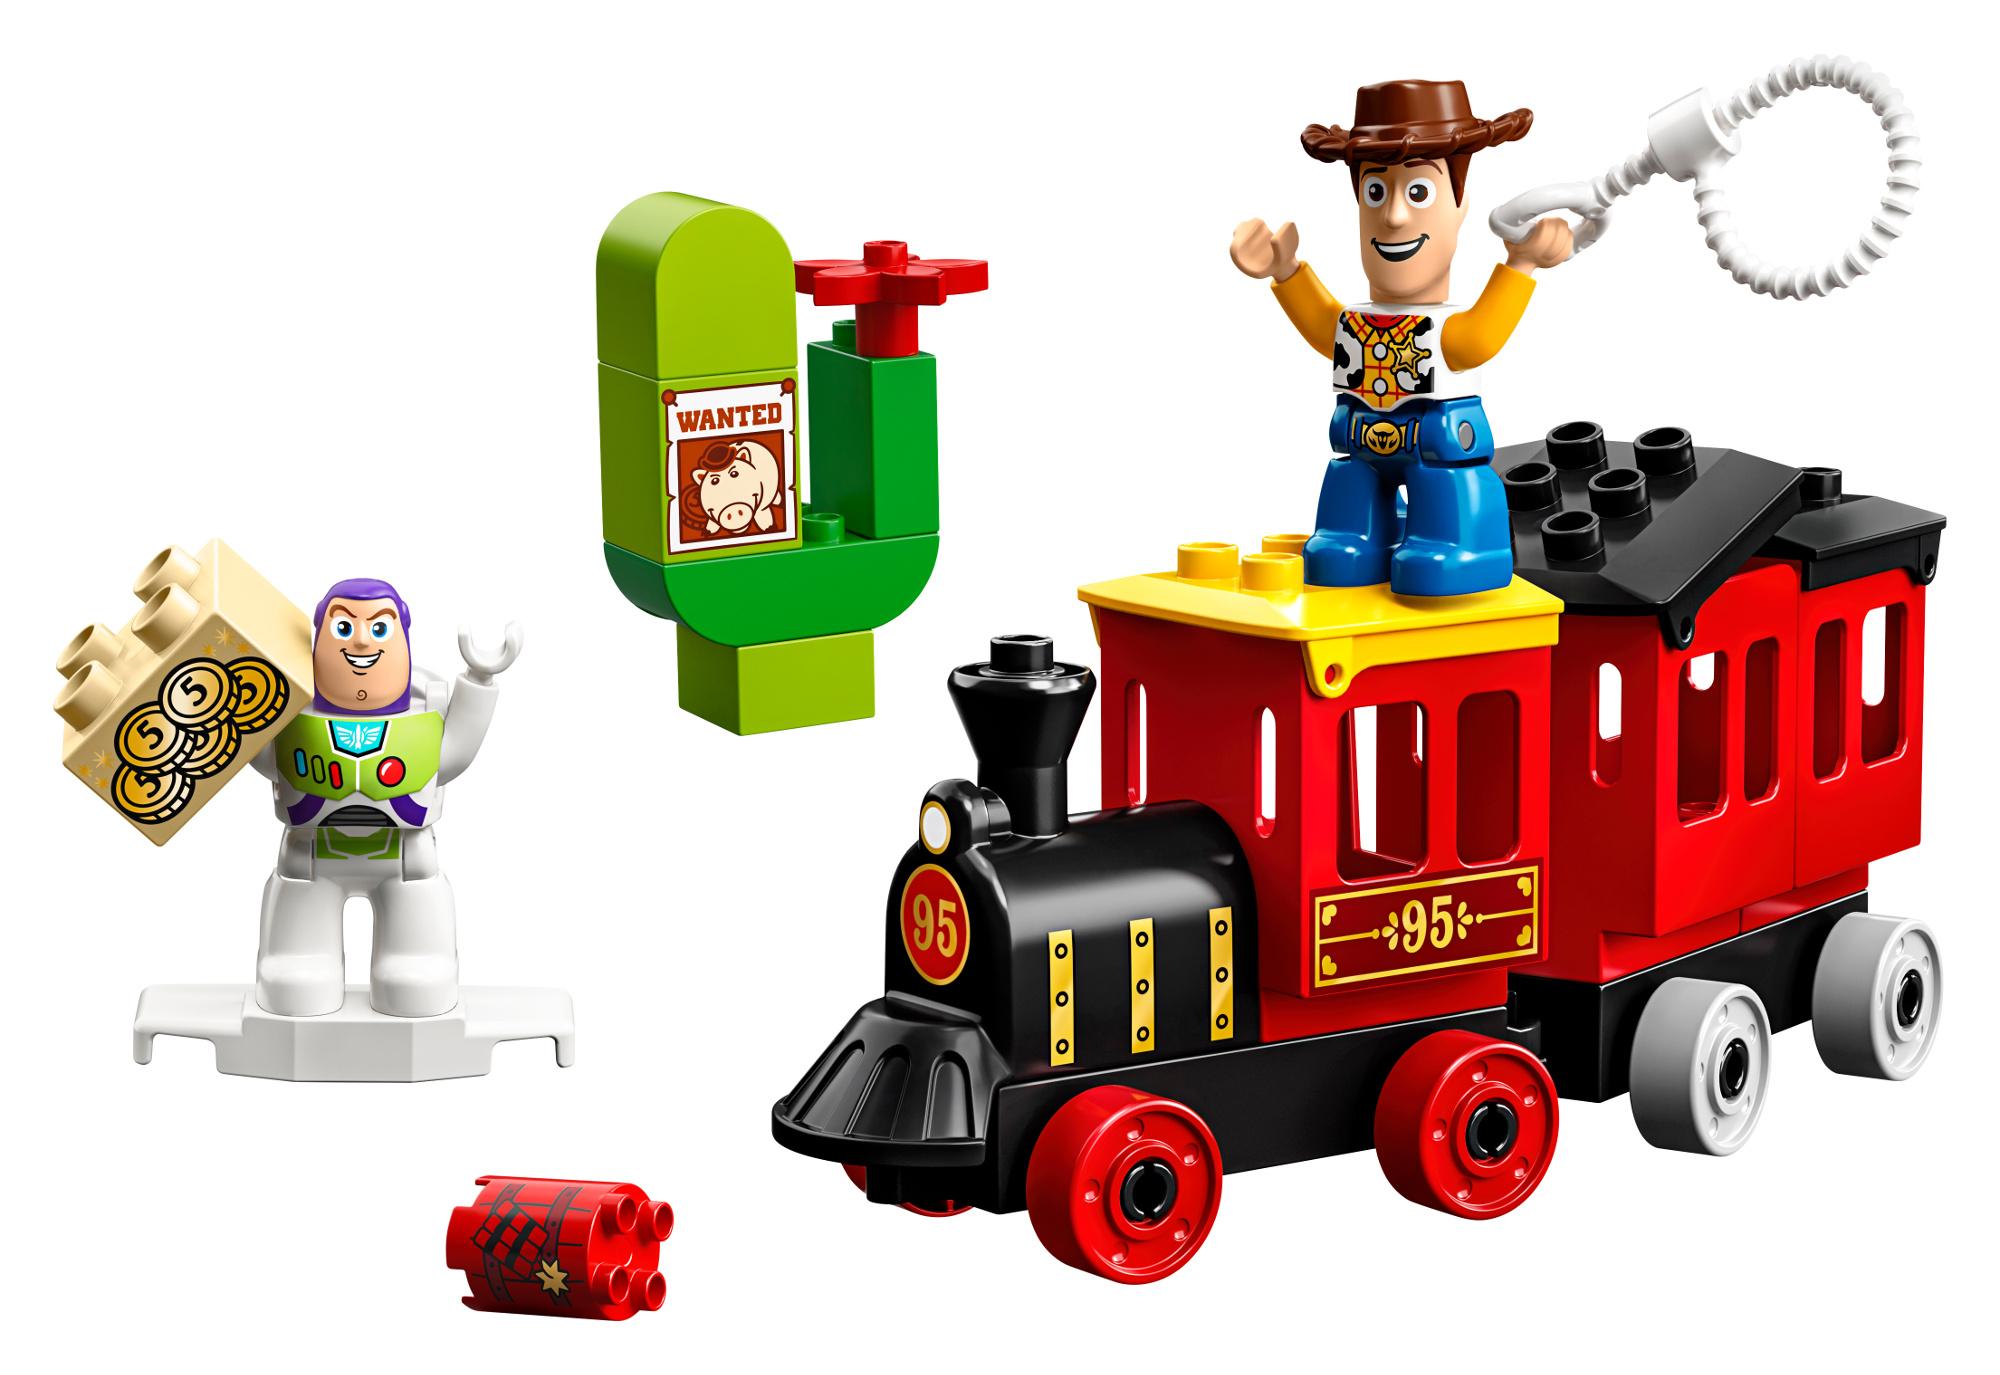 Купить Конструктор, Toy Story 10894 Поезд История игрушек, LEGO, Венгрия, пластмасса